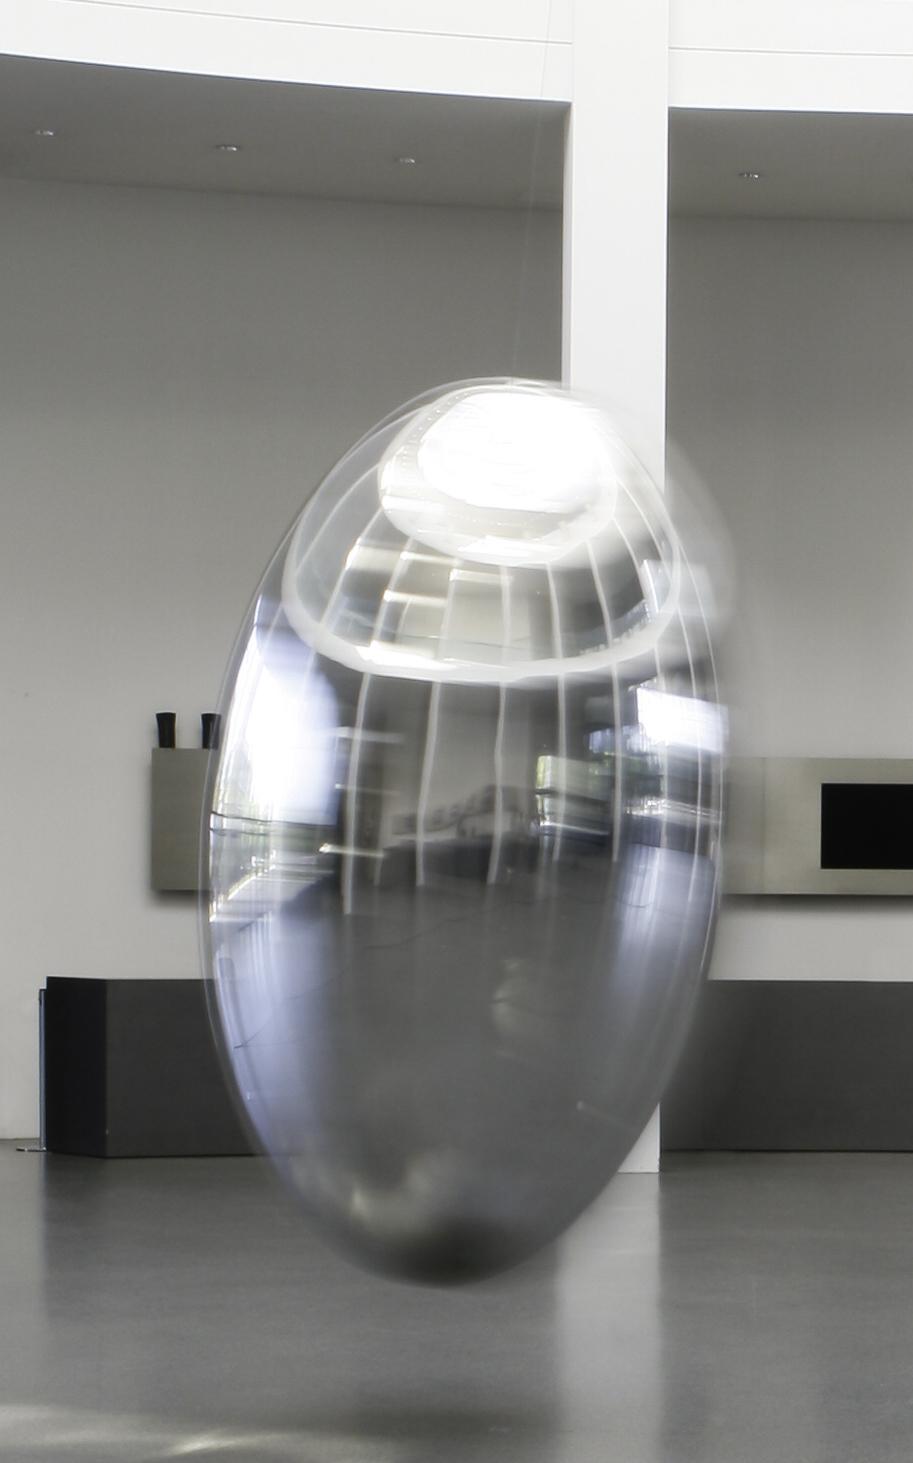 Ingo Maurer, Pendulum, 2019, Die Neue Sammlung – The Design Museum,  Pinakothek der Moderne. Foto: Patrizia Hamm